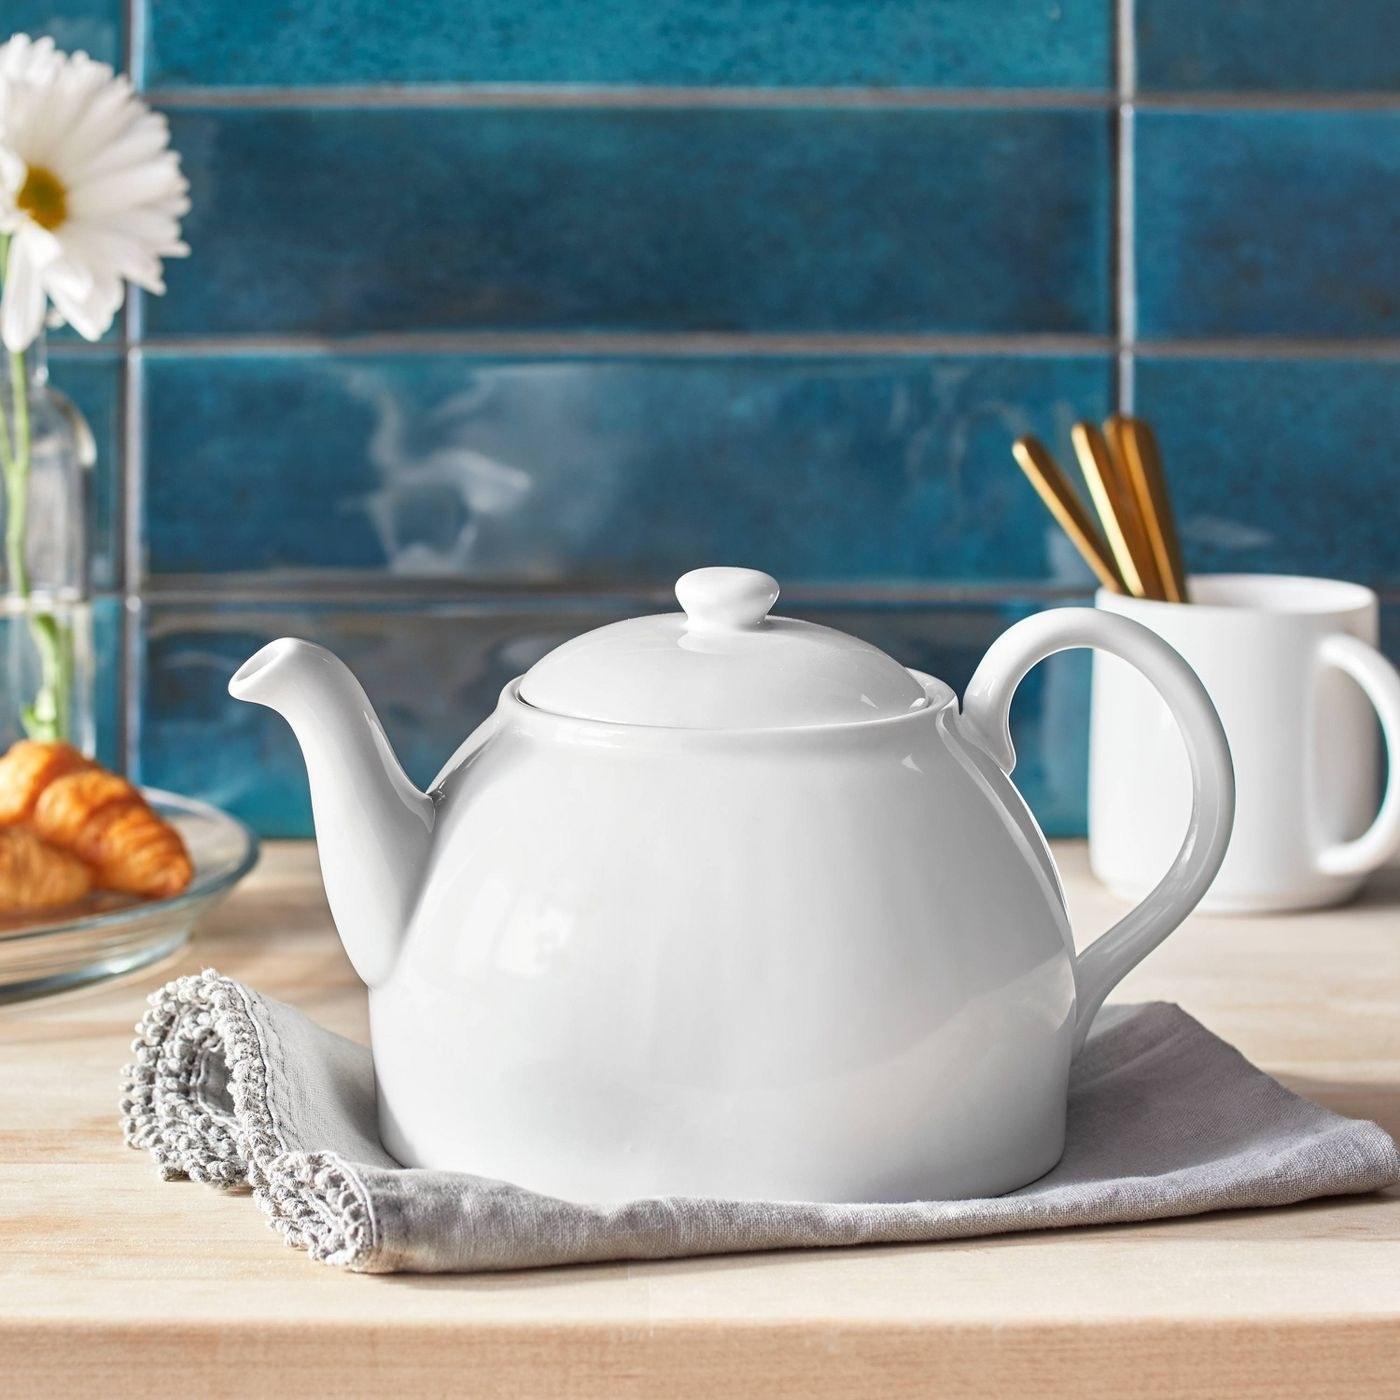 the white teapot on a napkin